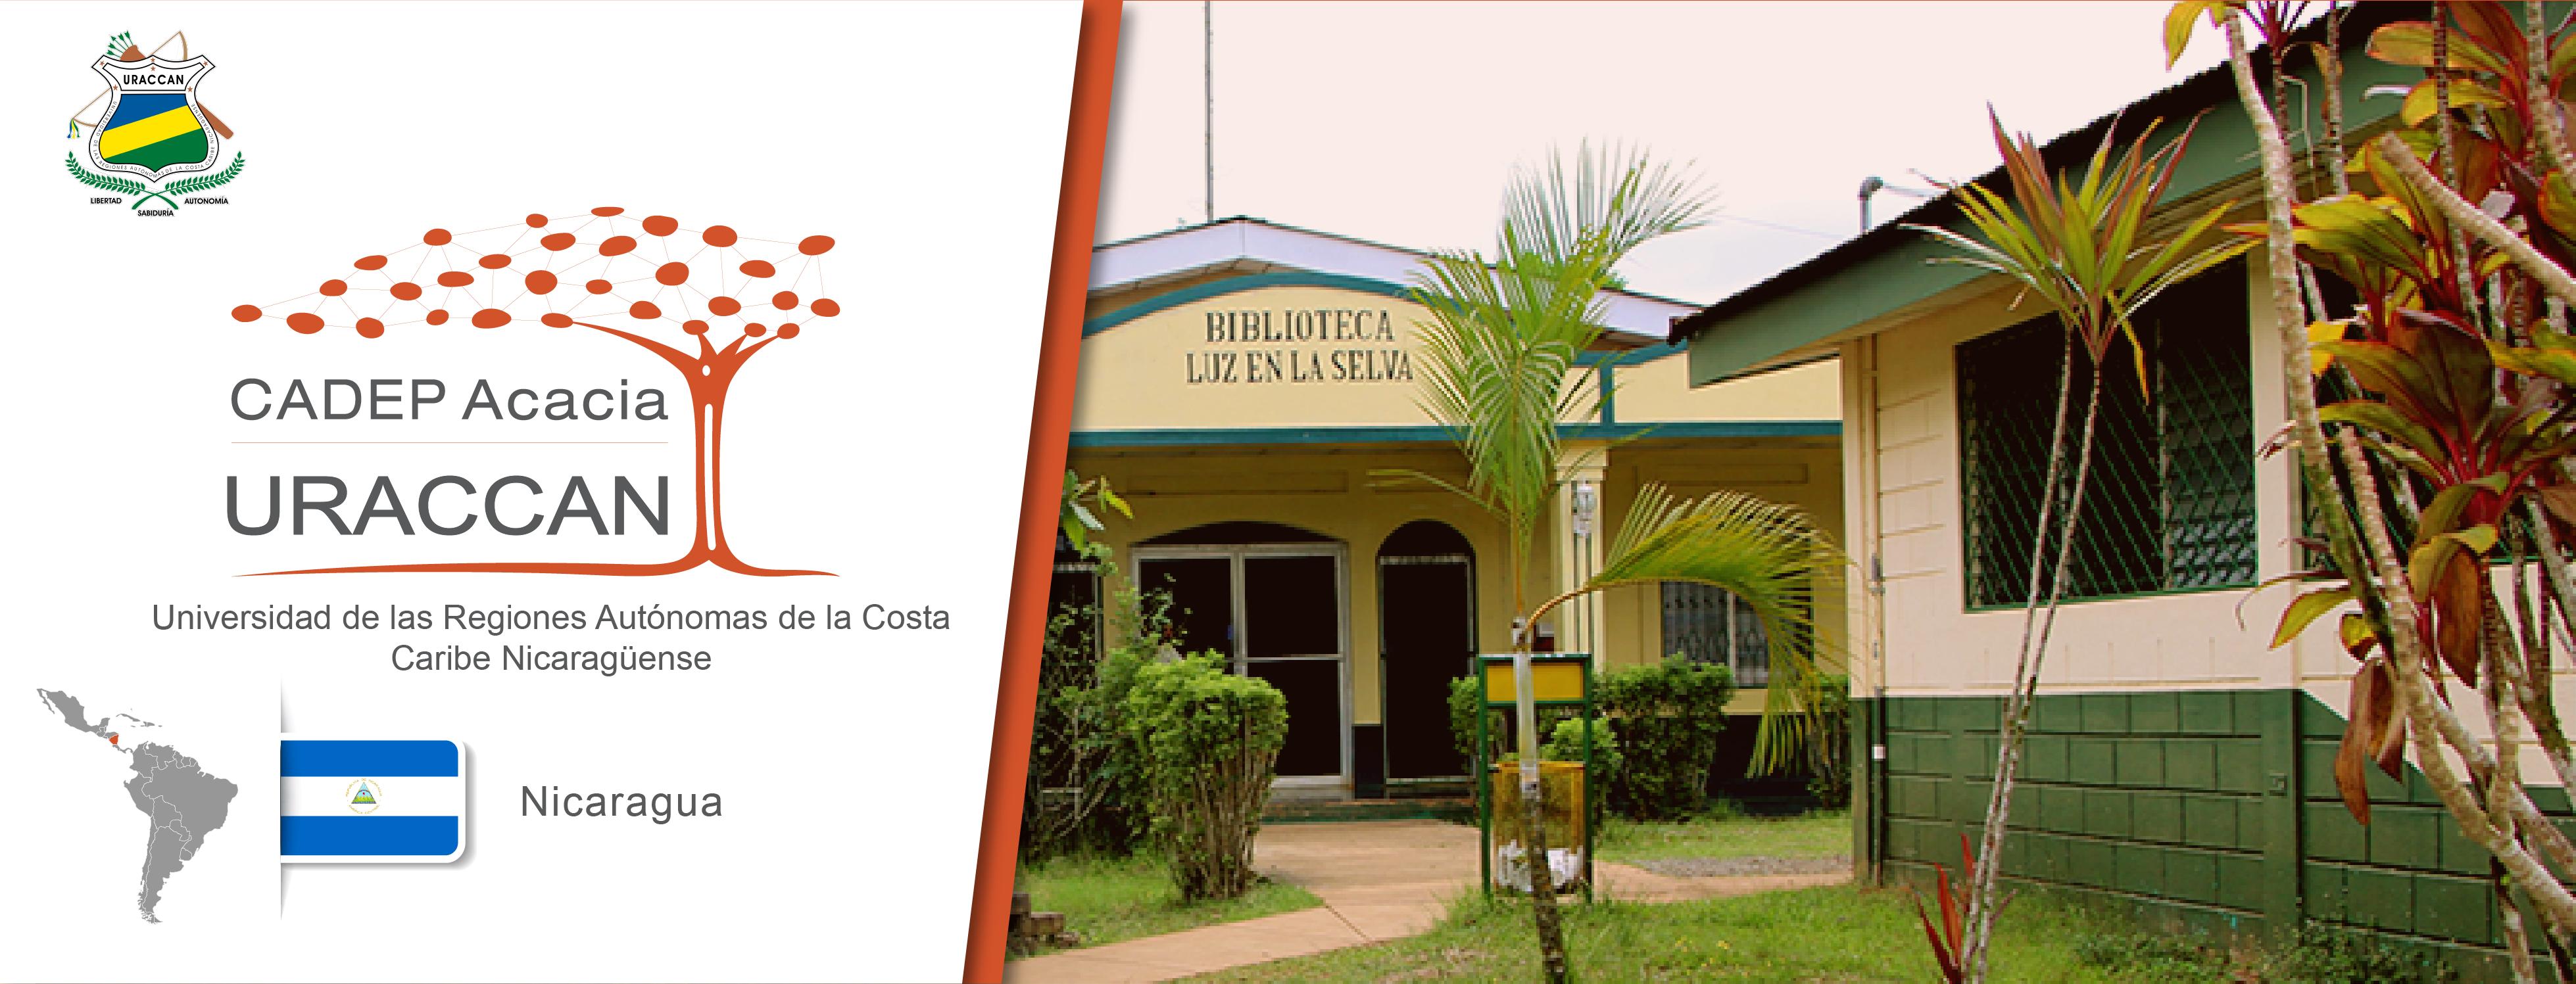 Logo de la URACCAN, logo del CADEP URACCAN, bandera de Nicaragua, ubicación del país en américa del sur y una foto que muestra la biblioteca luz en la selva de la universidad